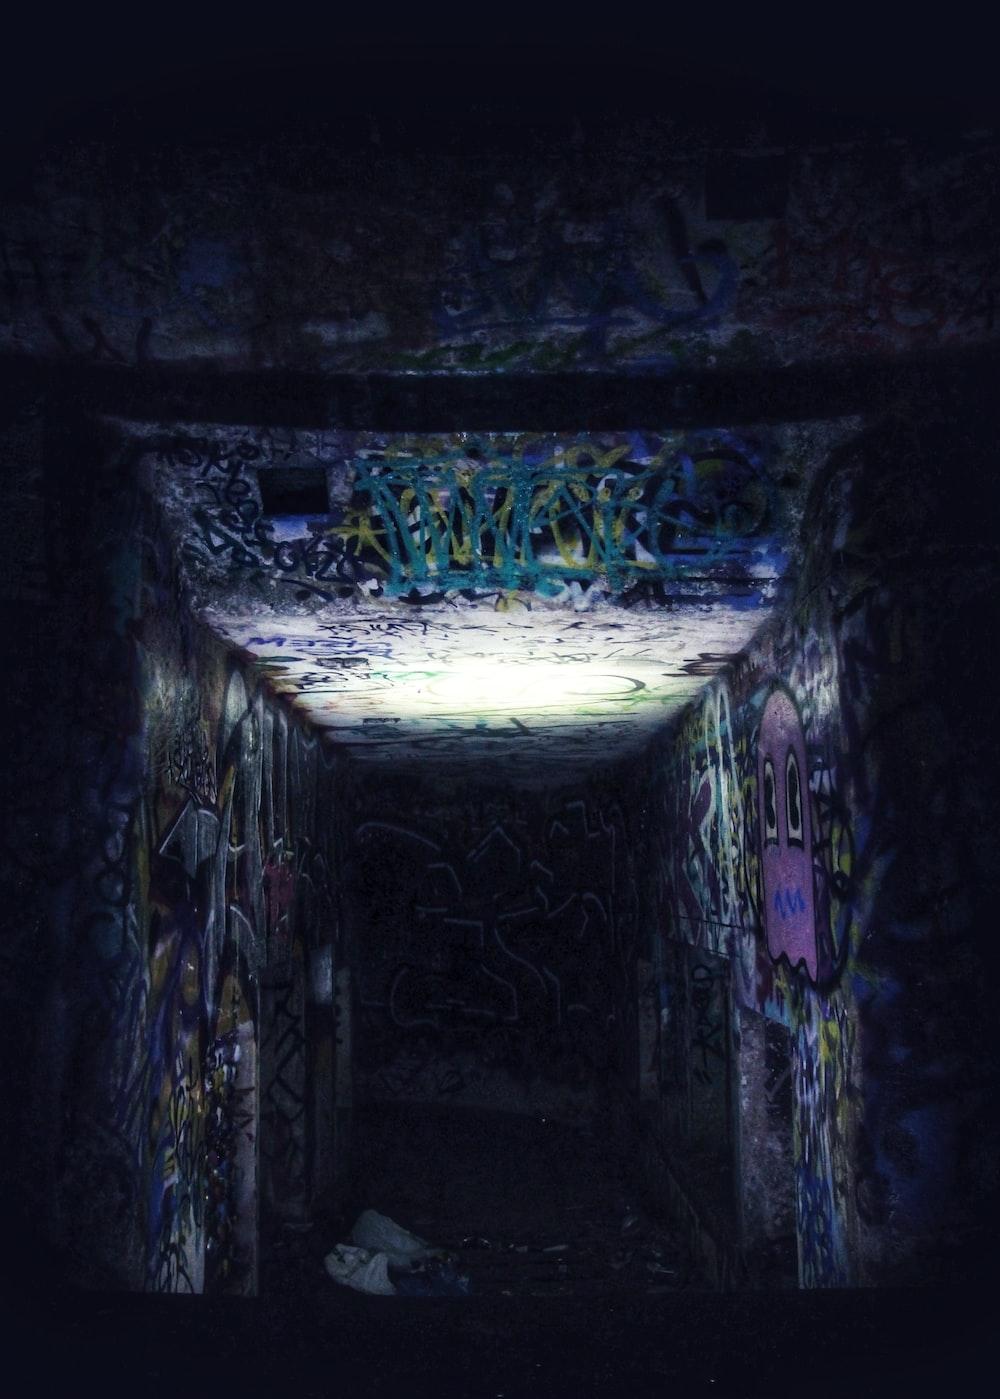 wall with graffiti art